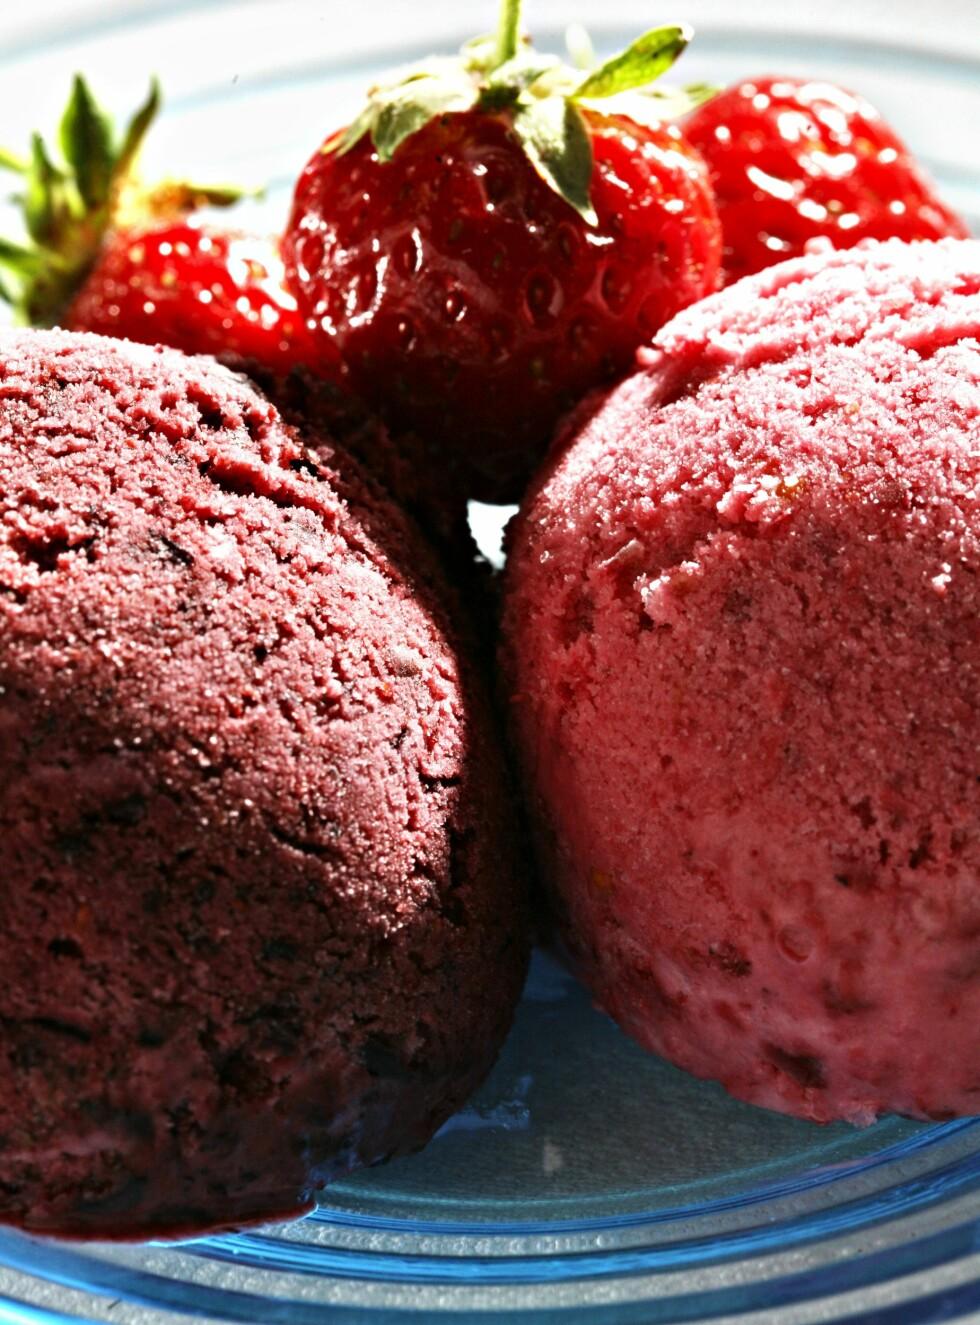 DEILIG: Kesamis med jordbær.  Foto: Aftenposten